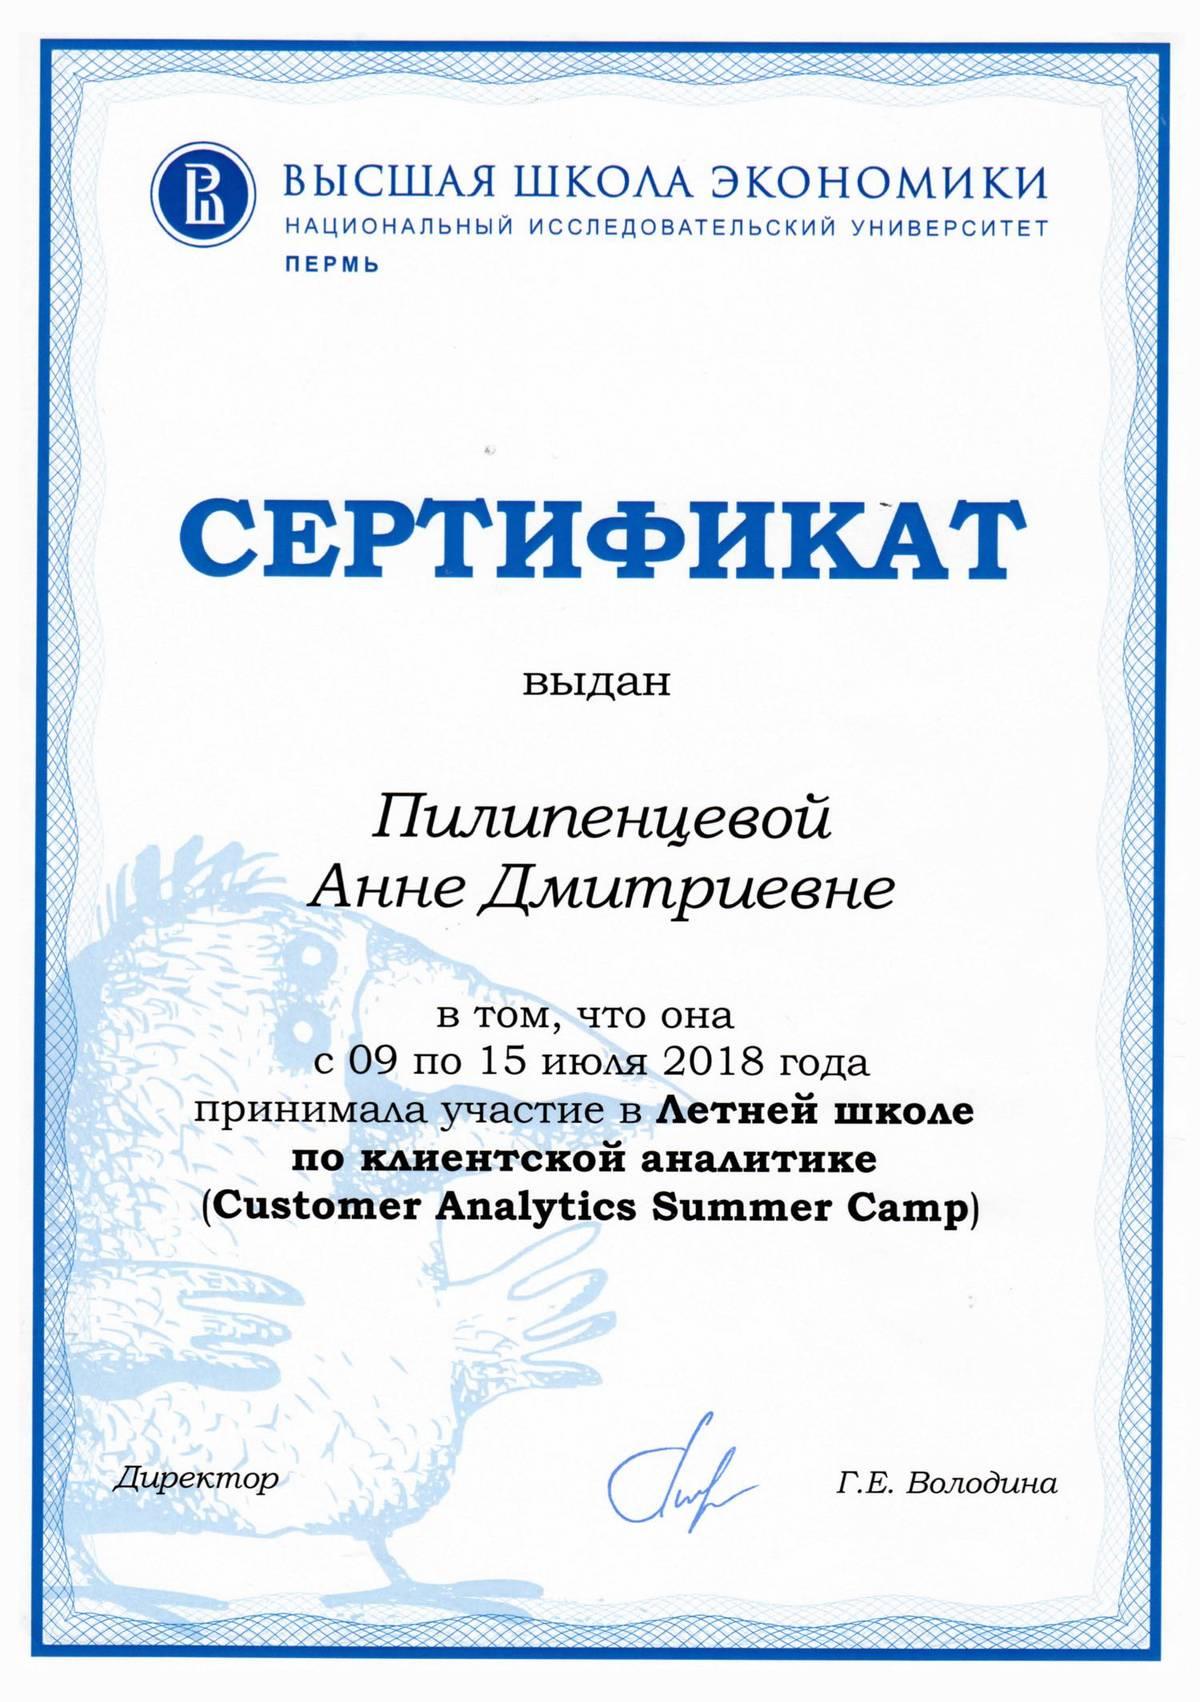 Мой сертификат за участие в летней школе по клиентской аналитике Customer Data Analytics Summer Camp